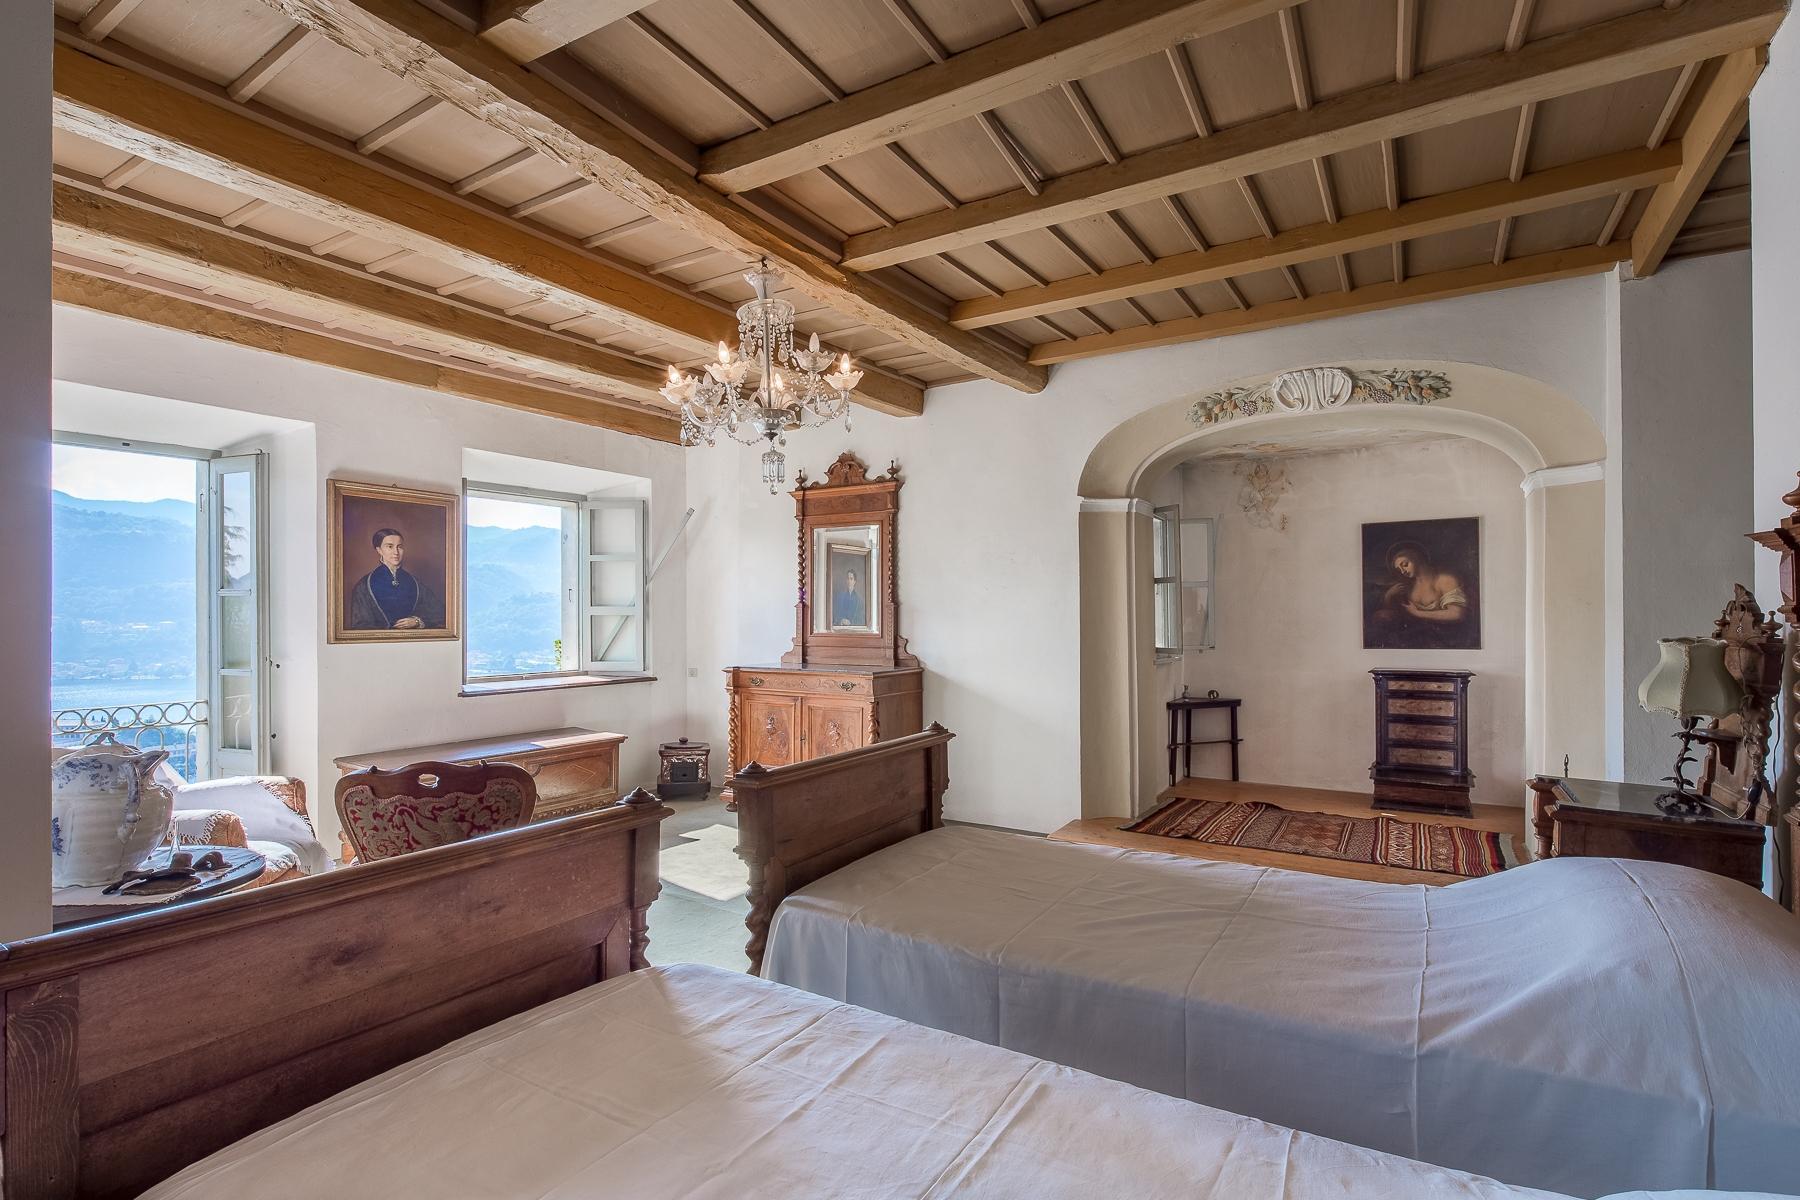 Бывший монастырь и вилла 19 века на Сакро-Монте - Орта Сан Джулио - 18